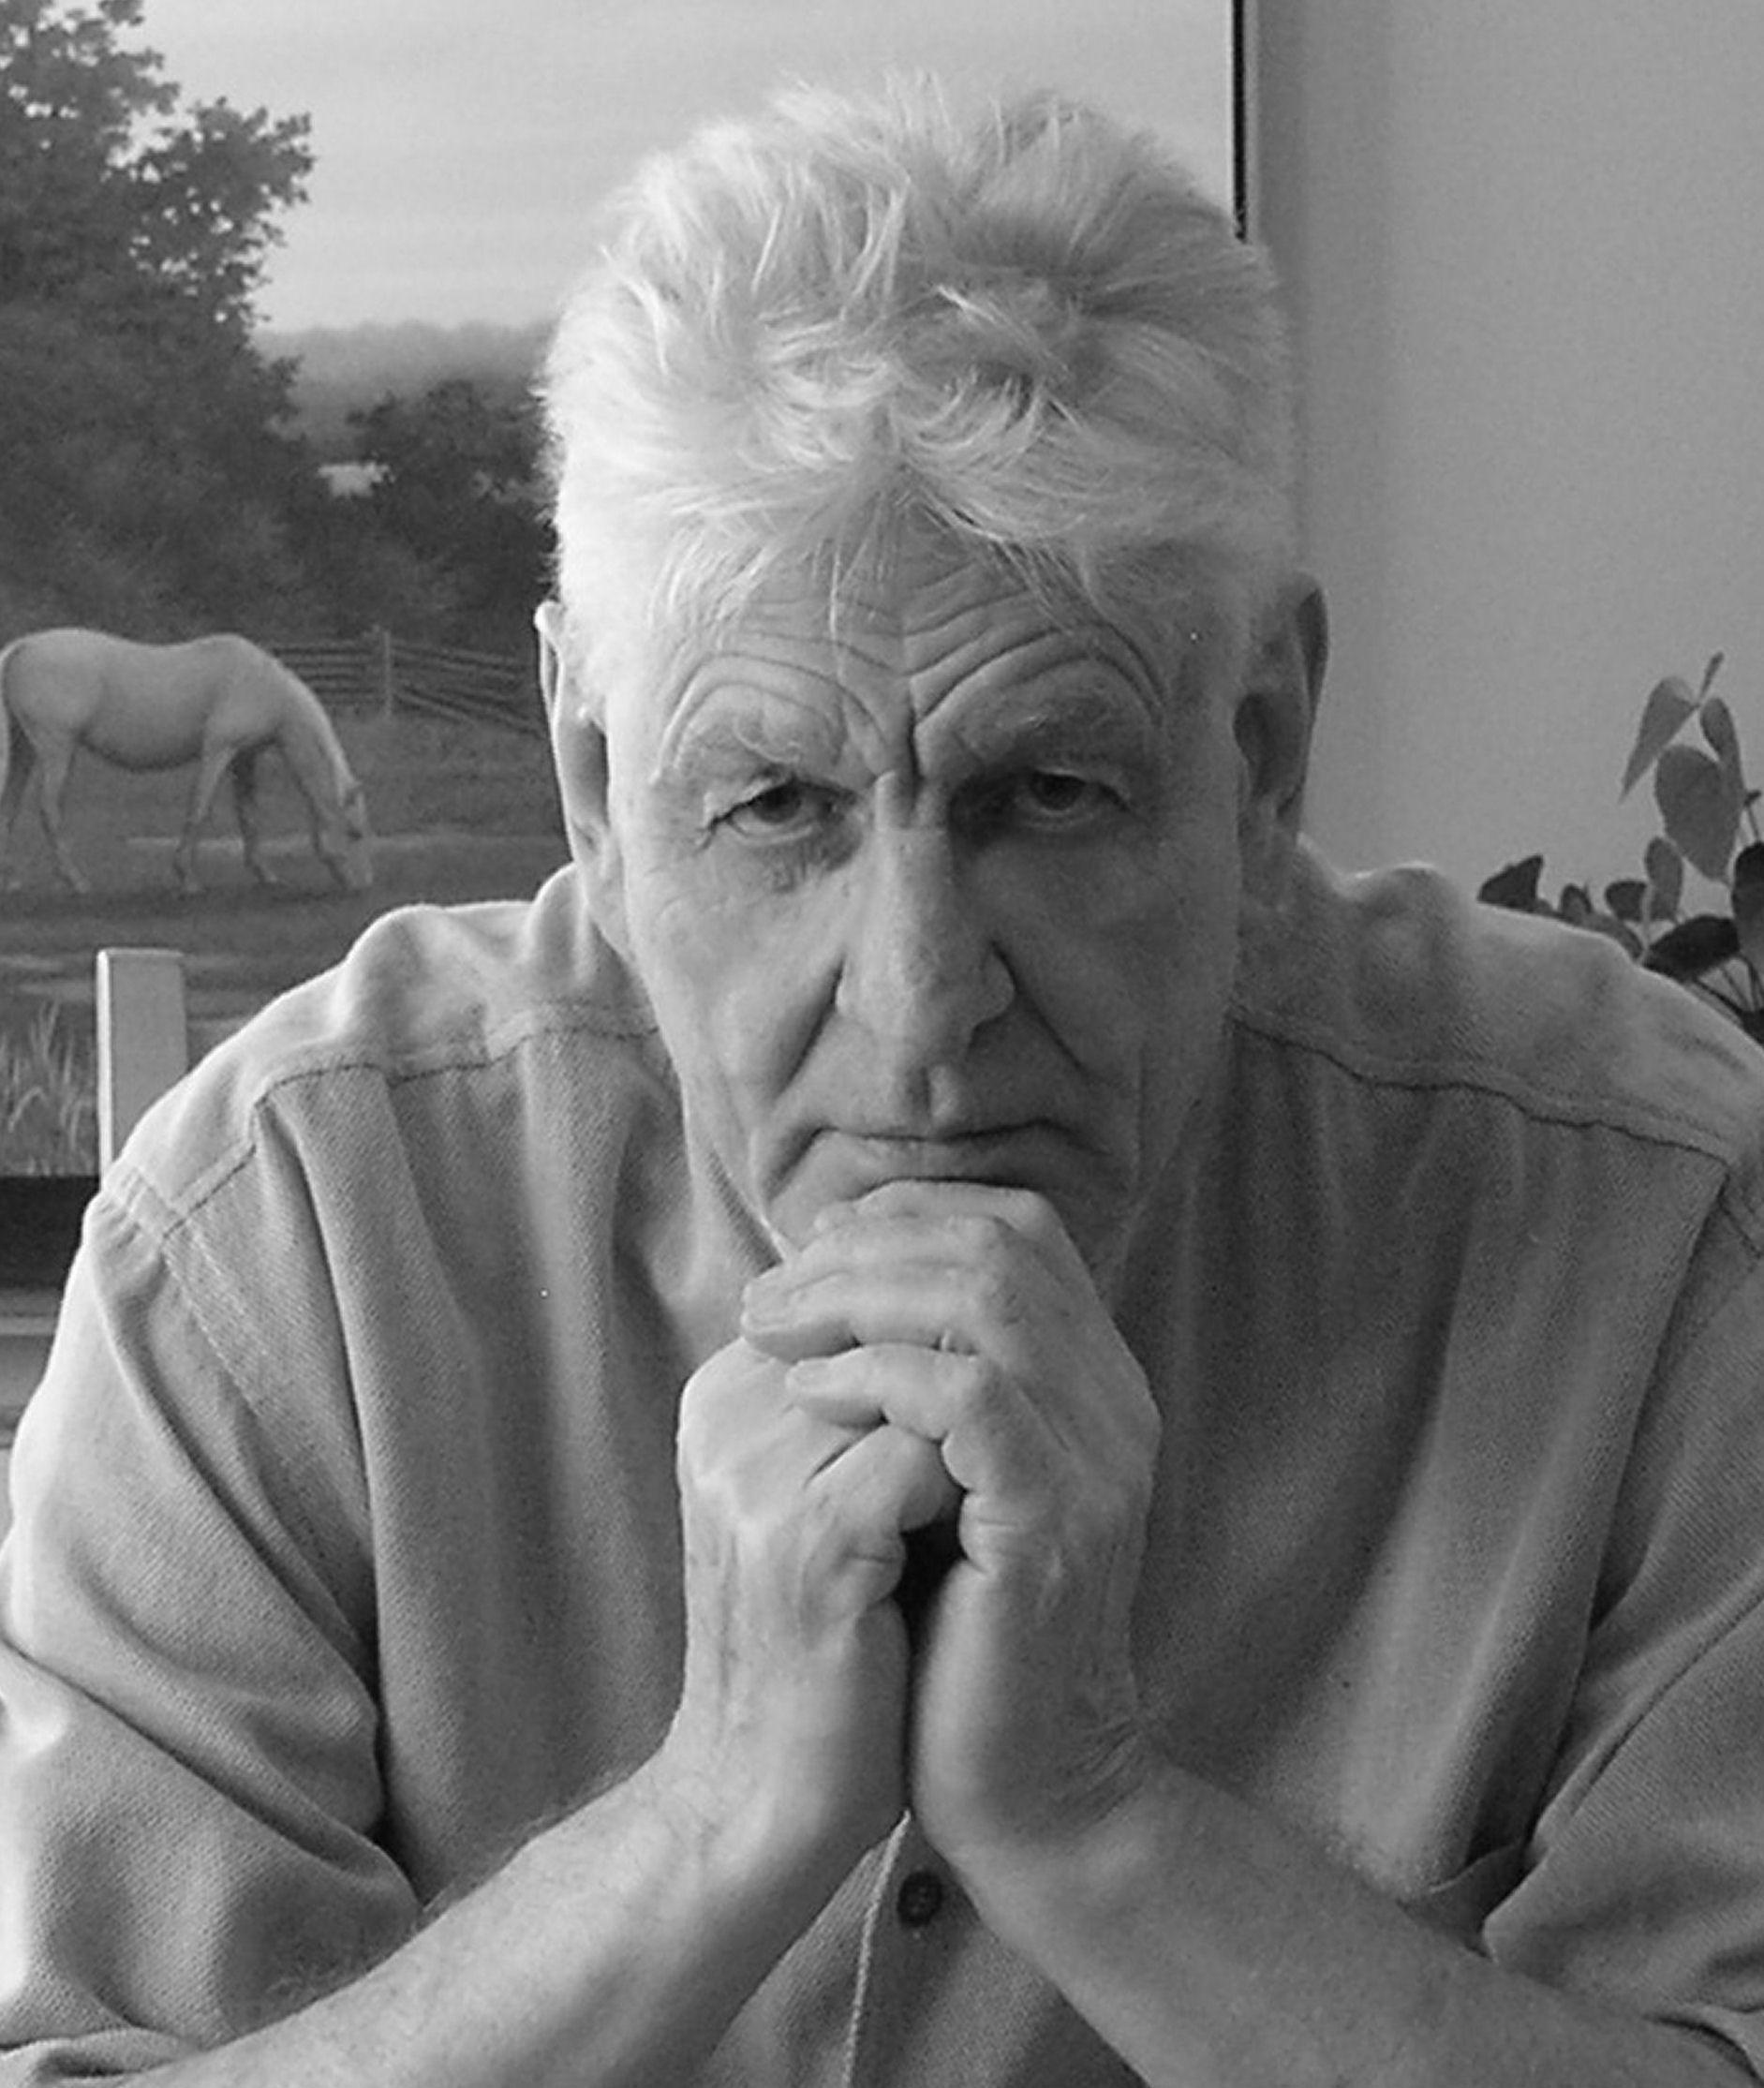 John Kaltenhauser